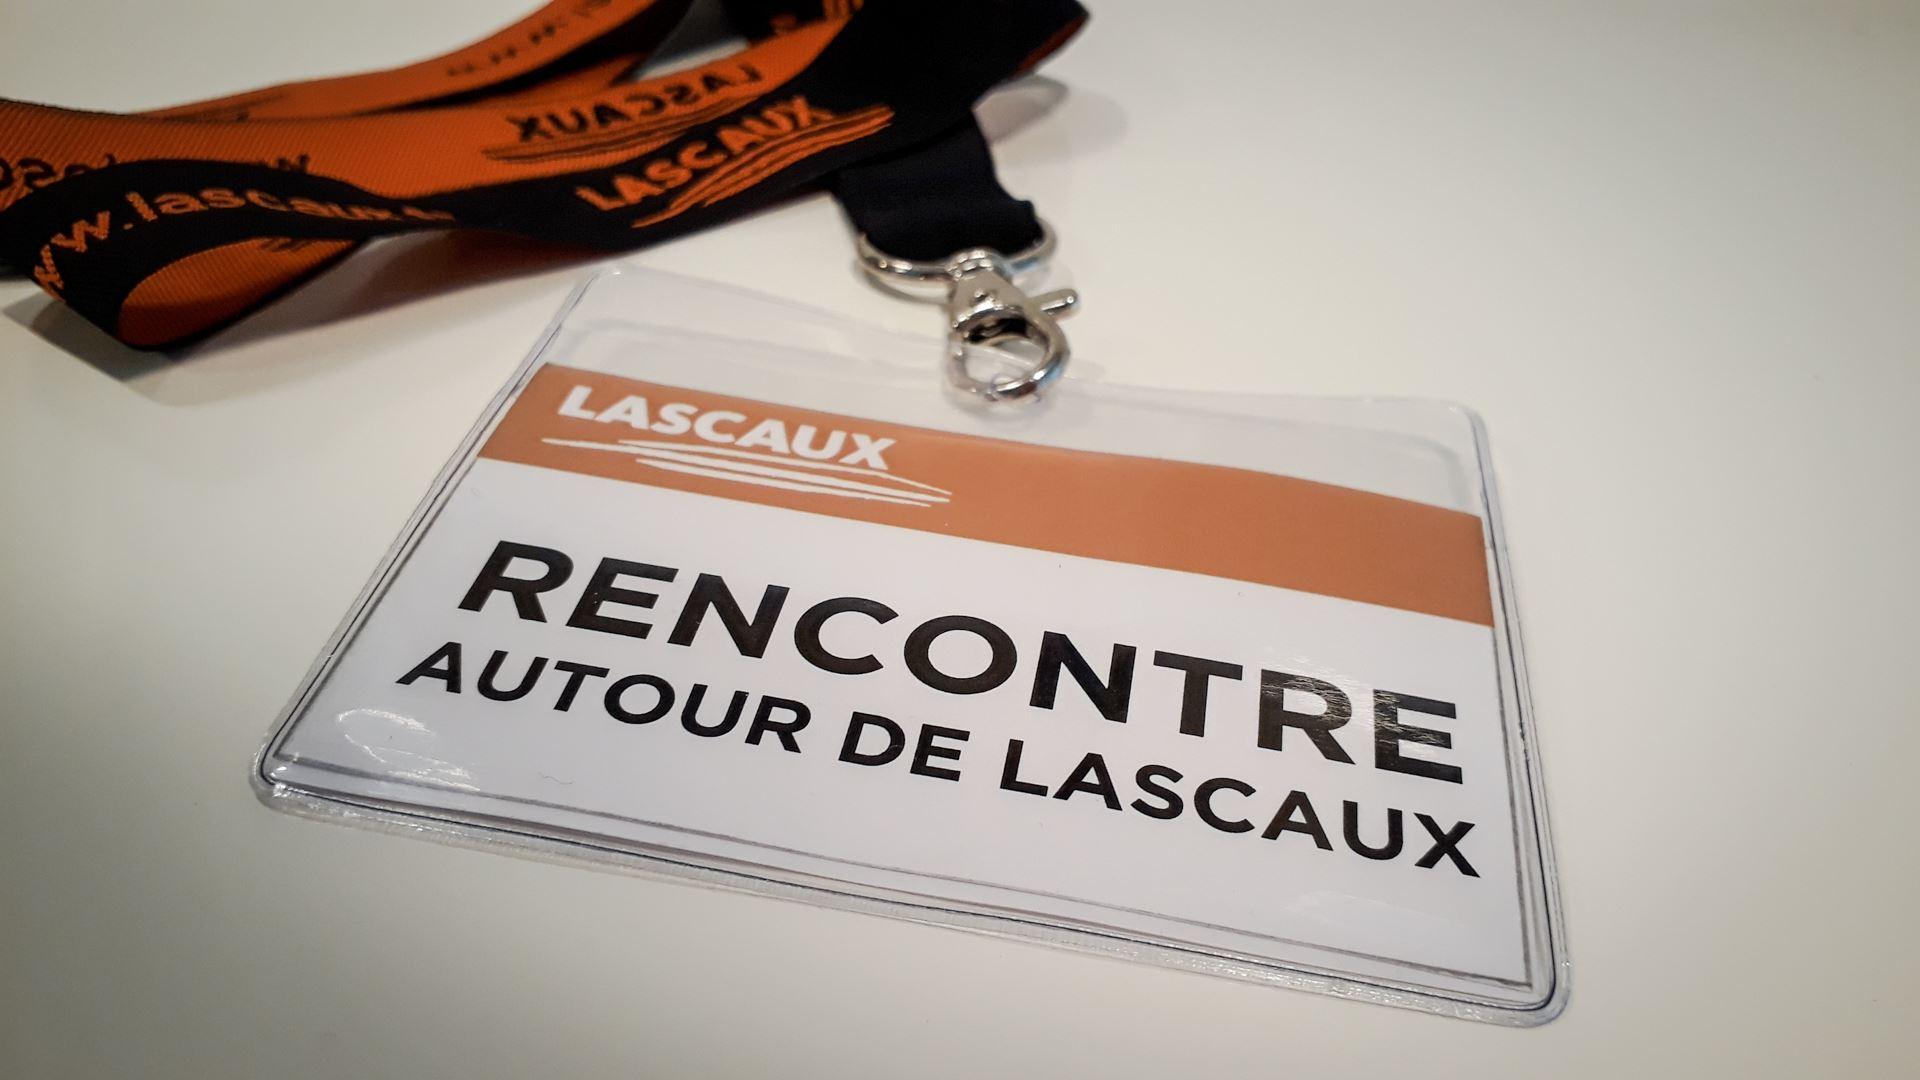 Conférences, rencontres à Lascaux